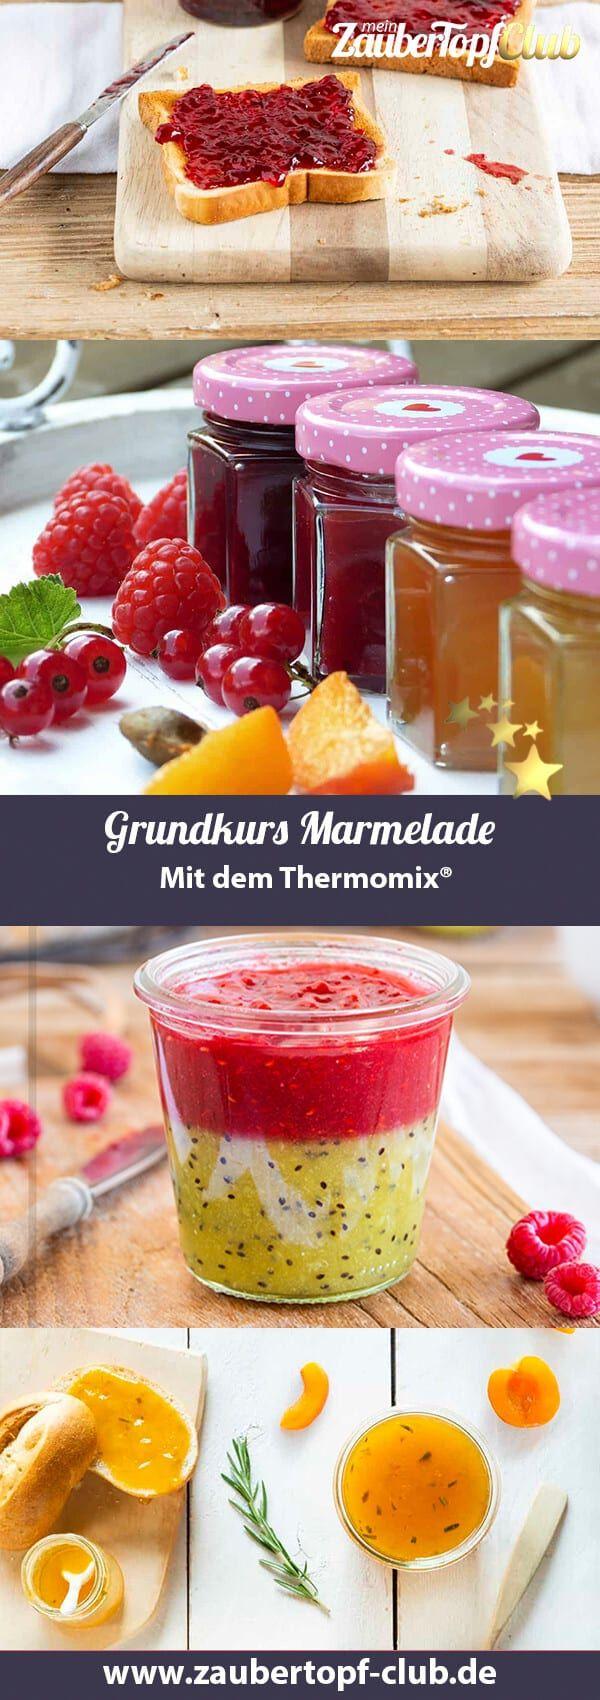 Marmelade – Der Grundkurs für Rezepte aus dem Thermomix